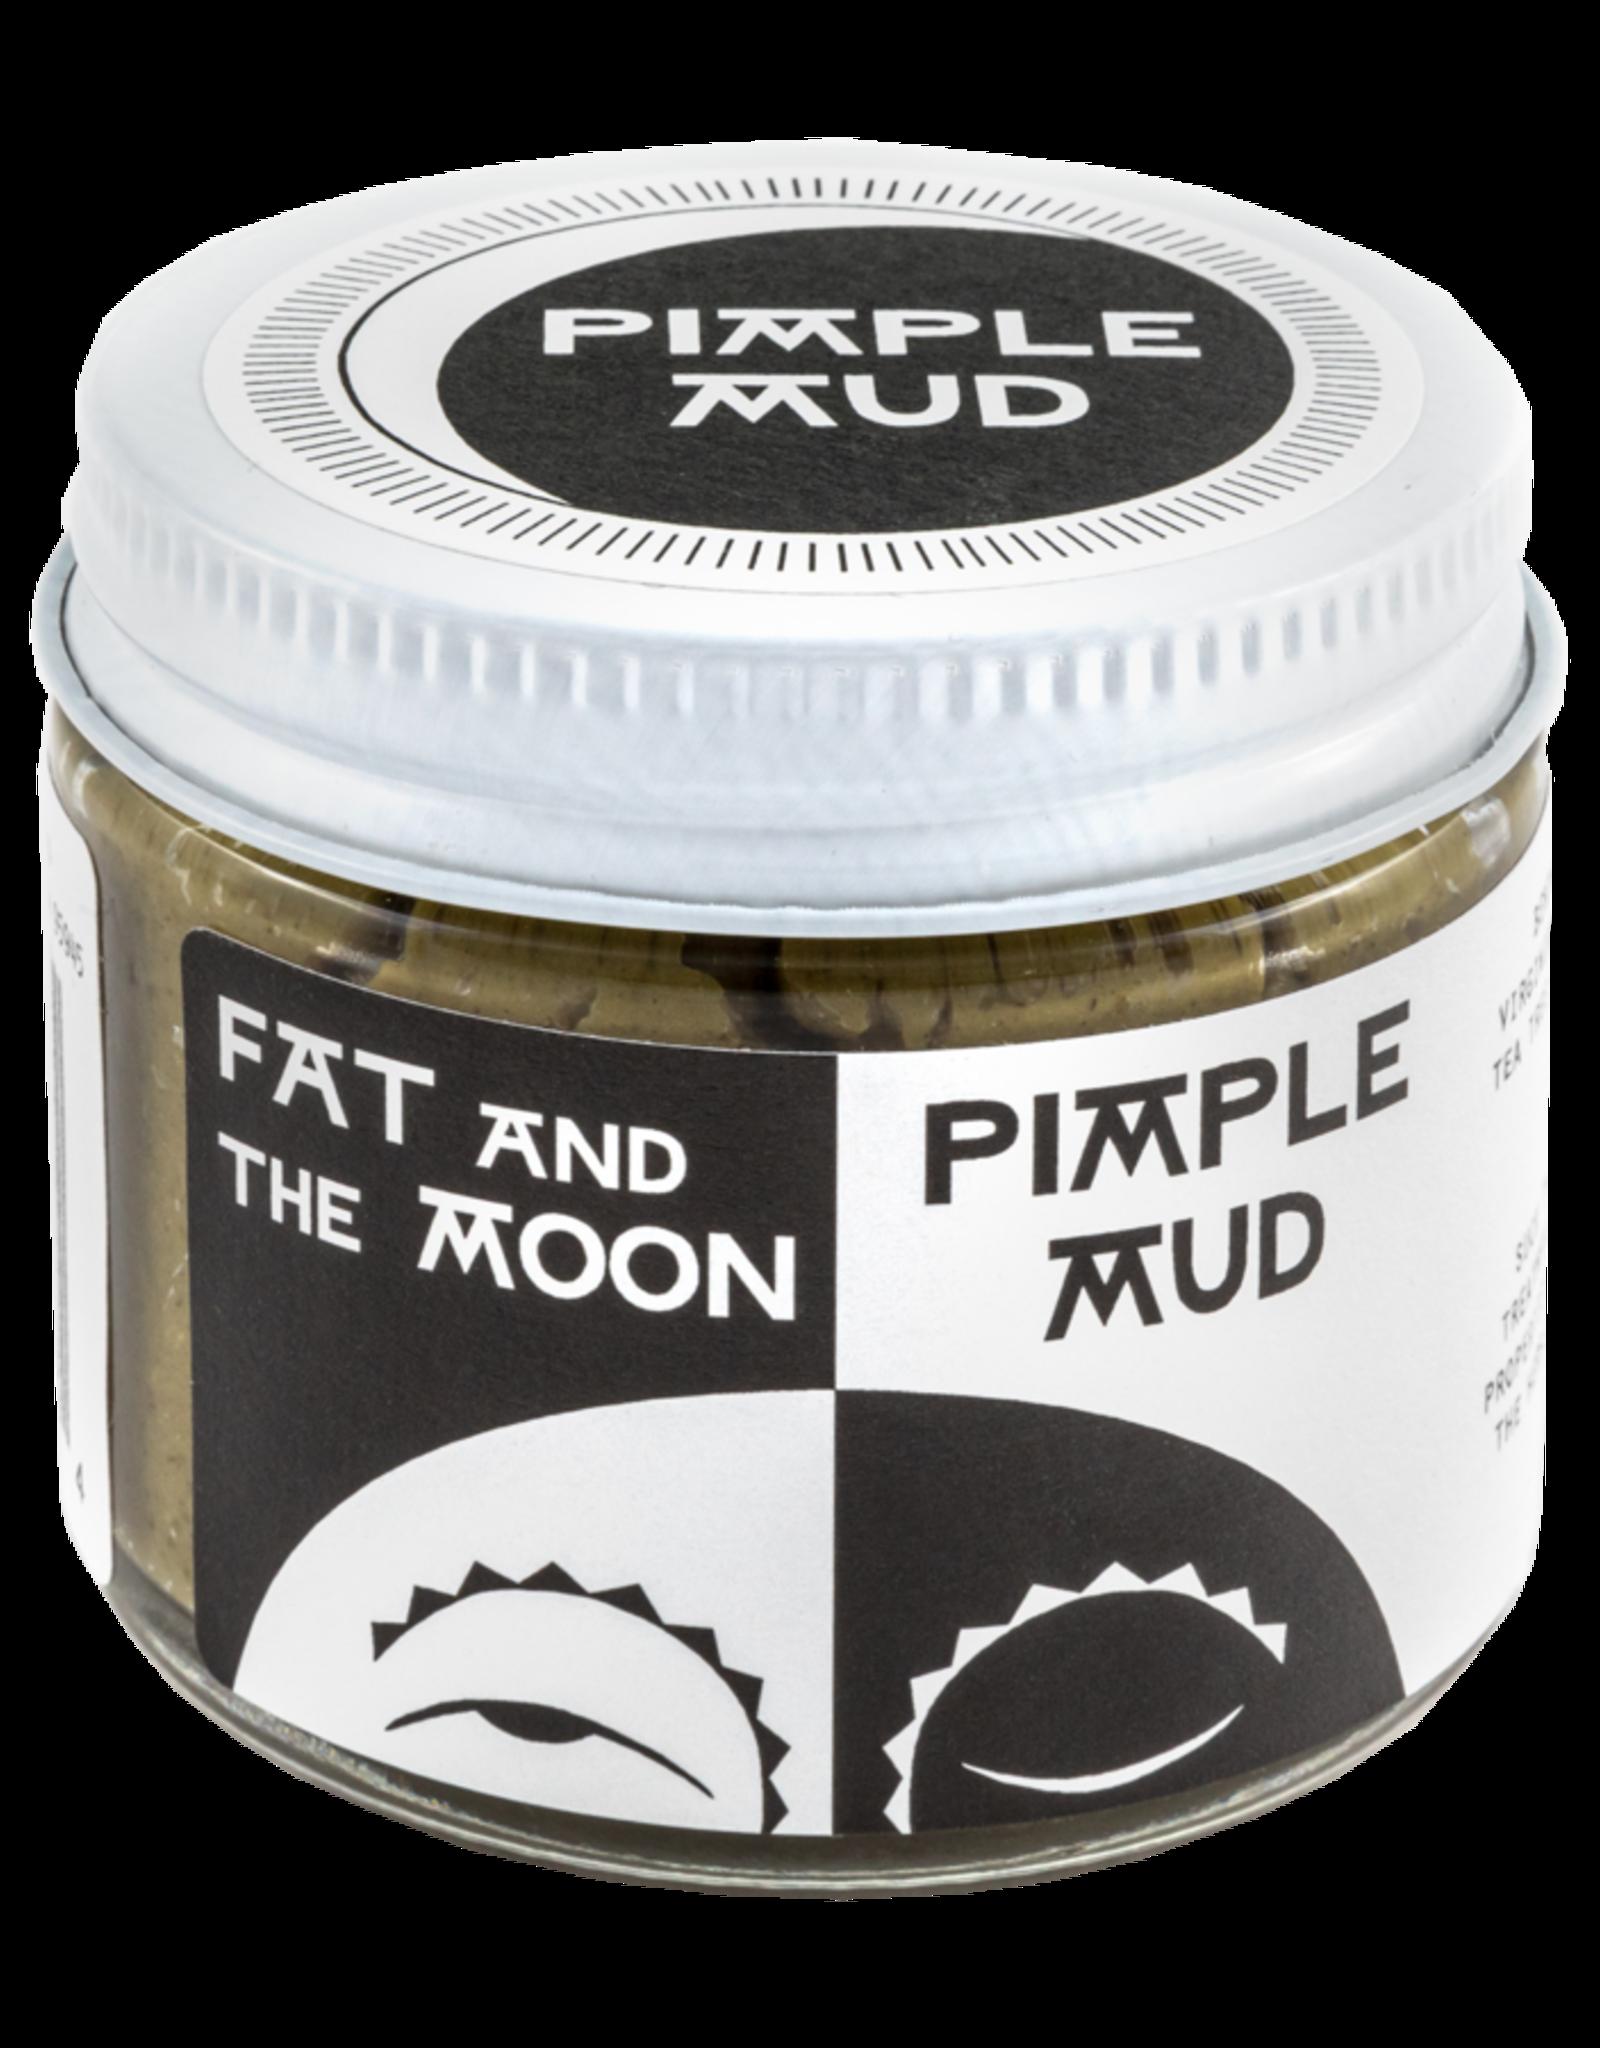 Pimple Mud